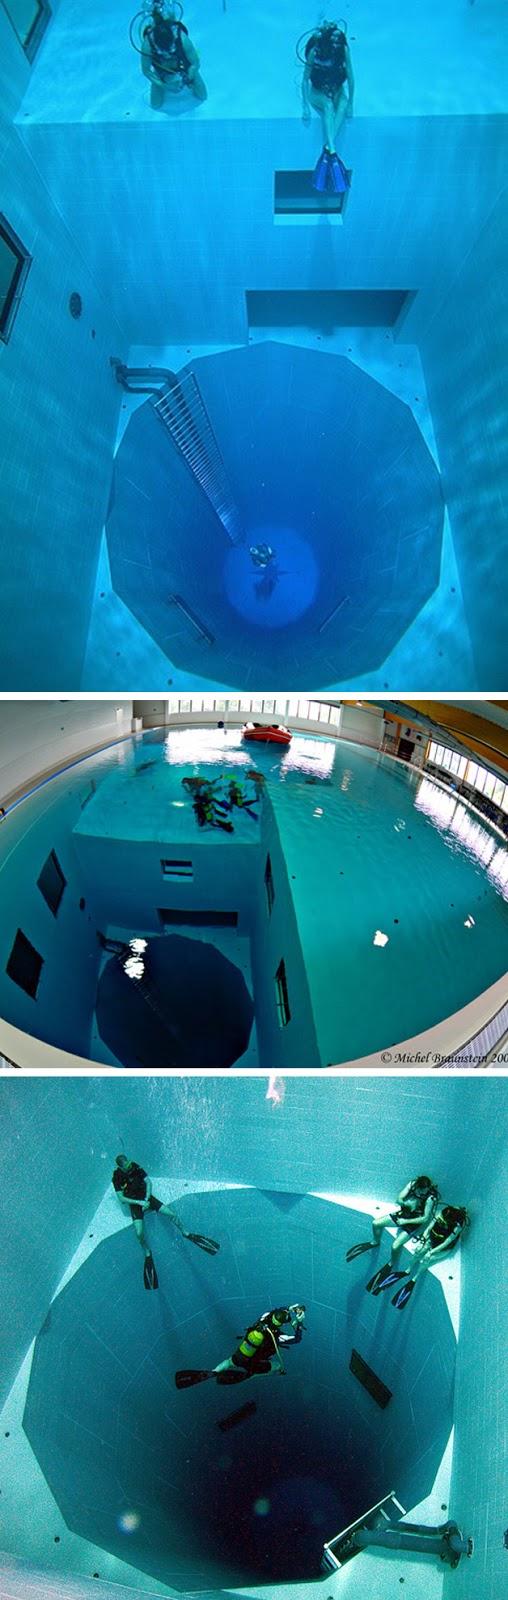 Conversa franca piscina mais funda do mundo for Funda para piscina